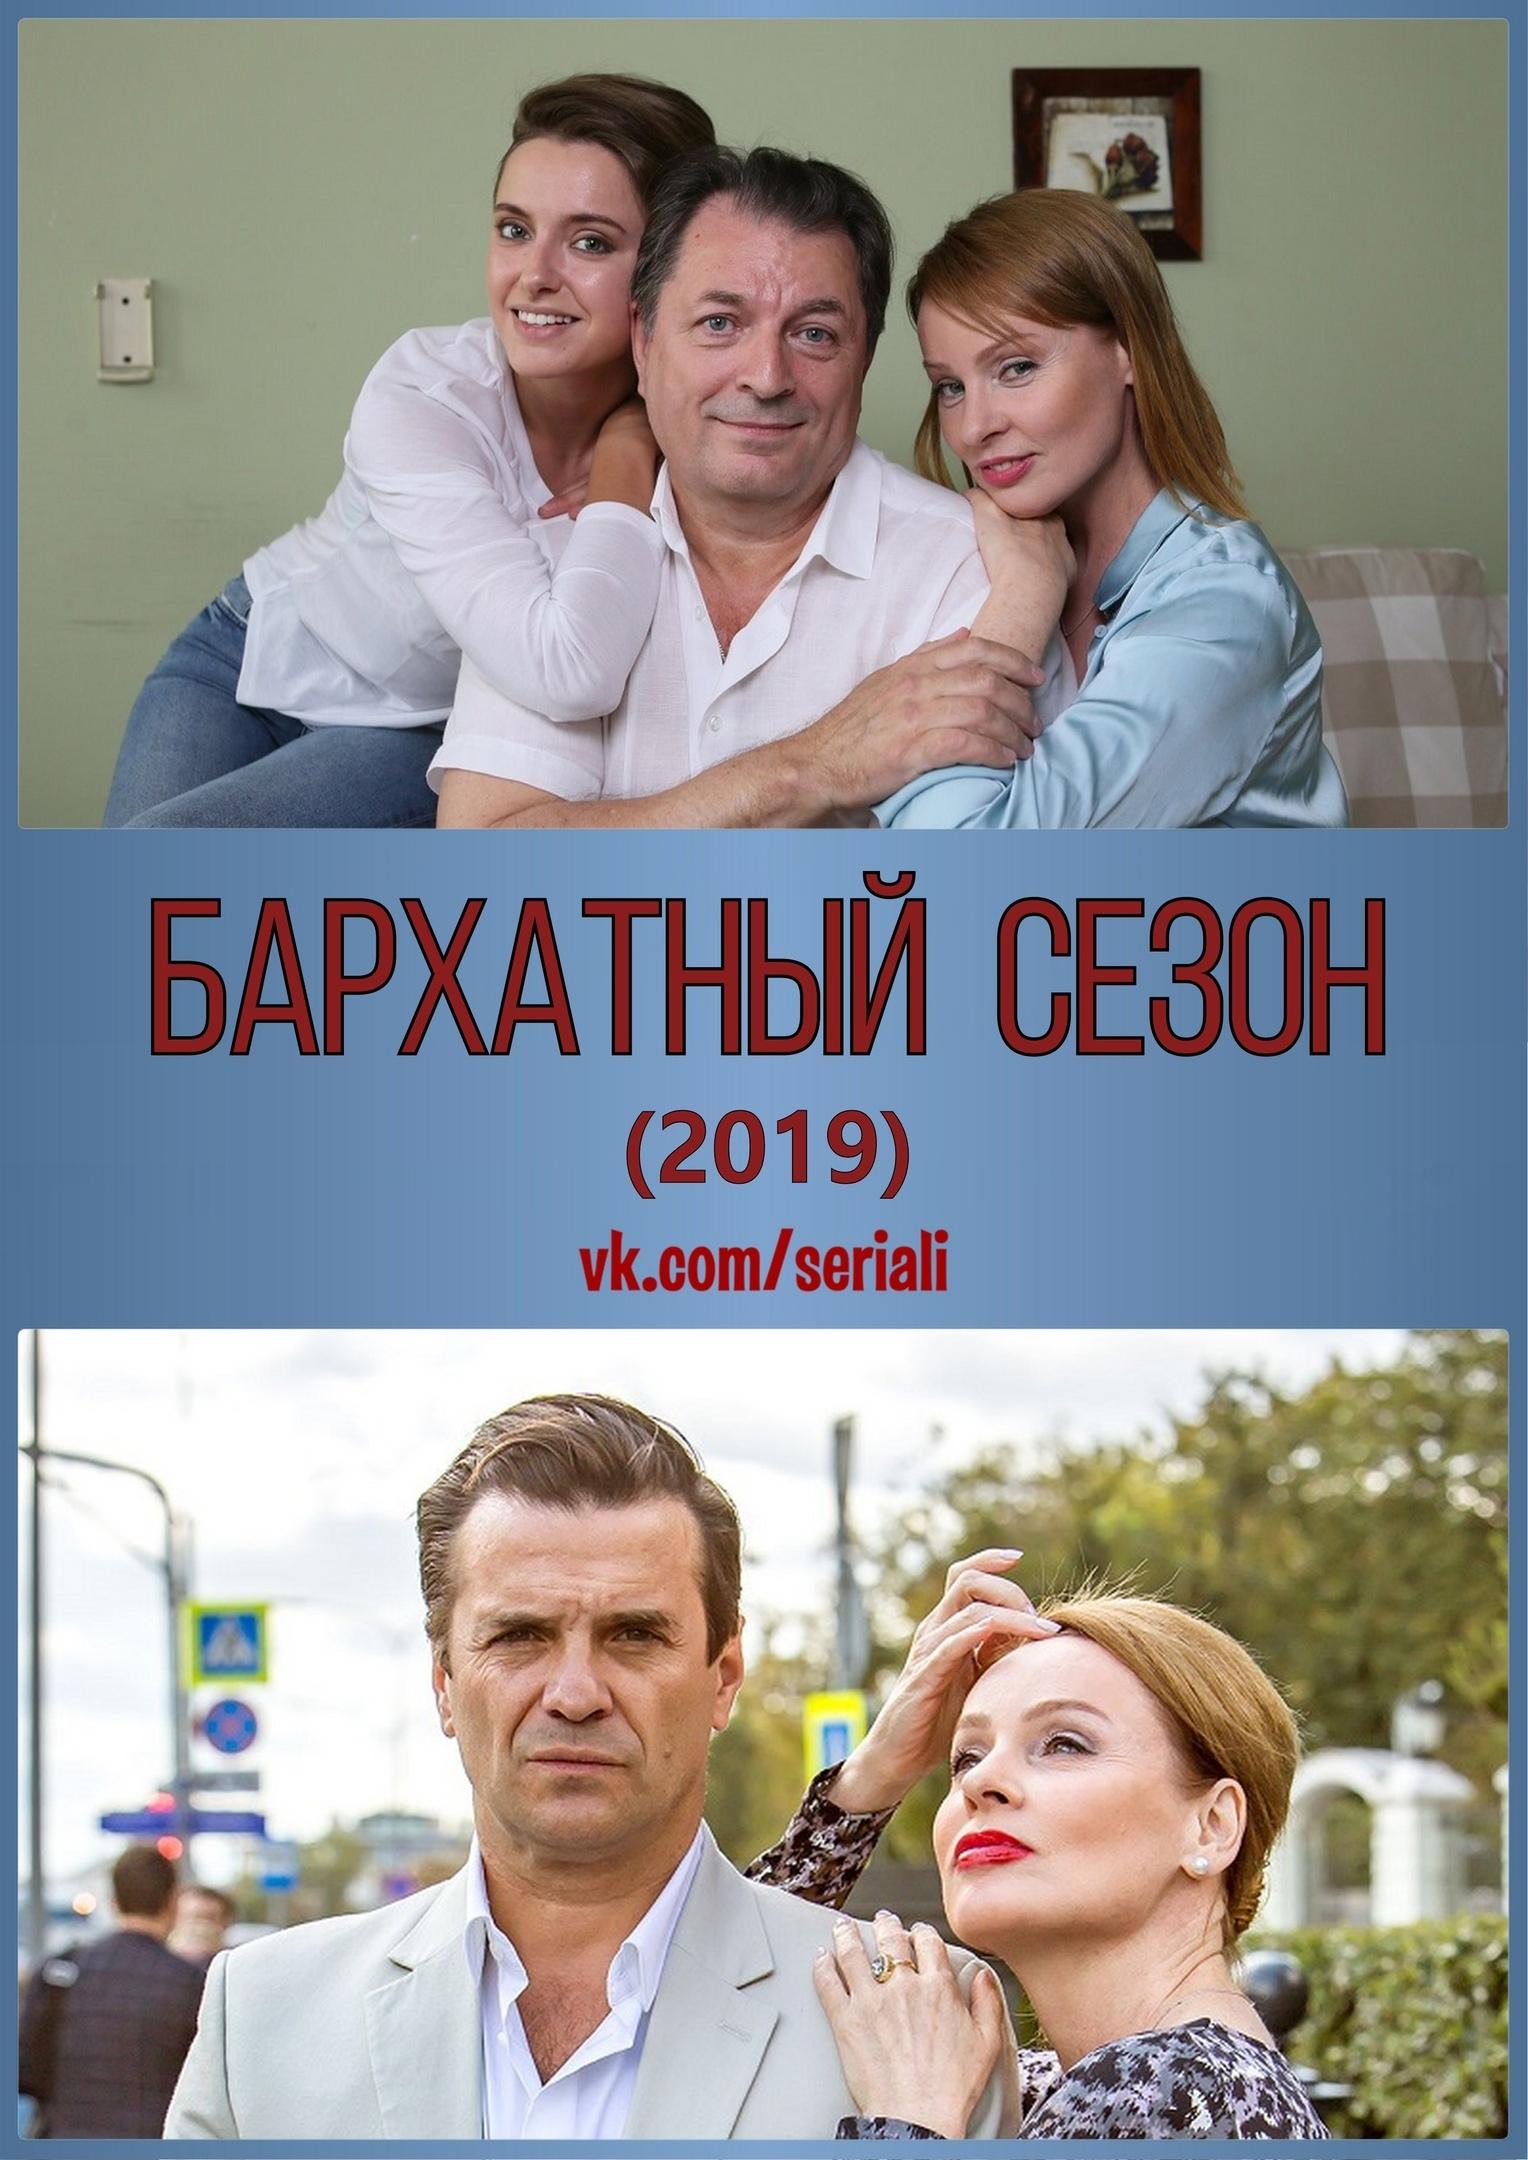 Мелодрама «Бaрxaтный ceзoн» (2019) 1-4 серия из 4